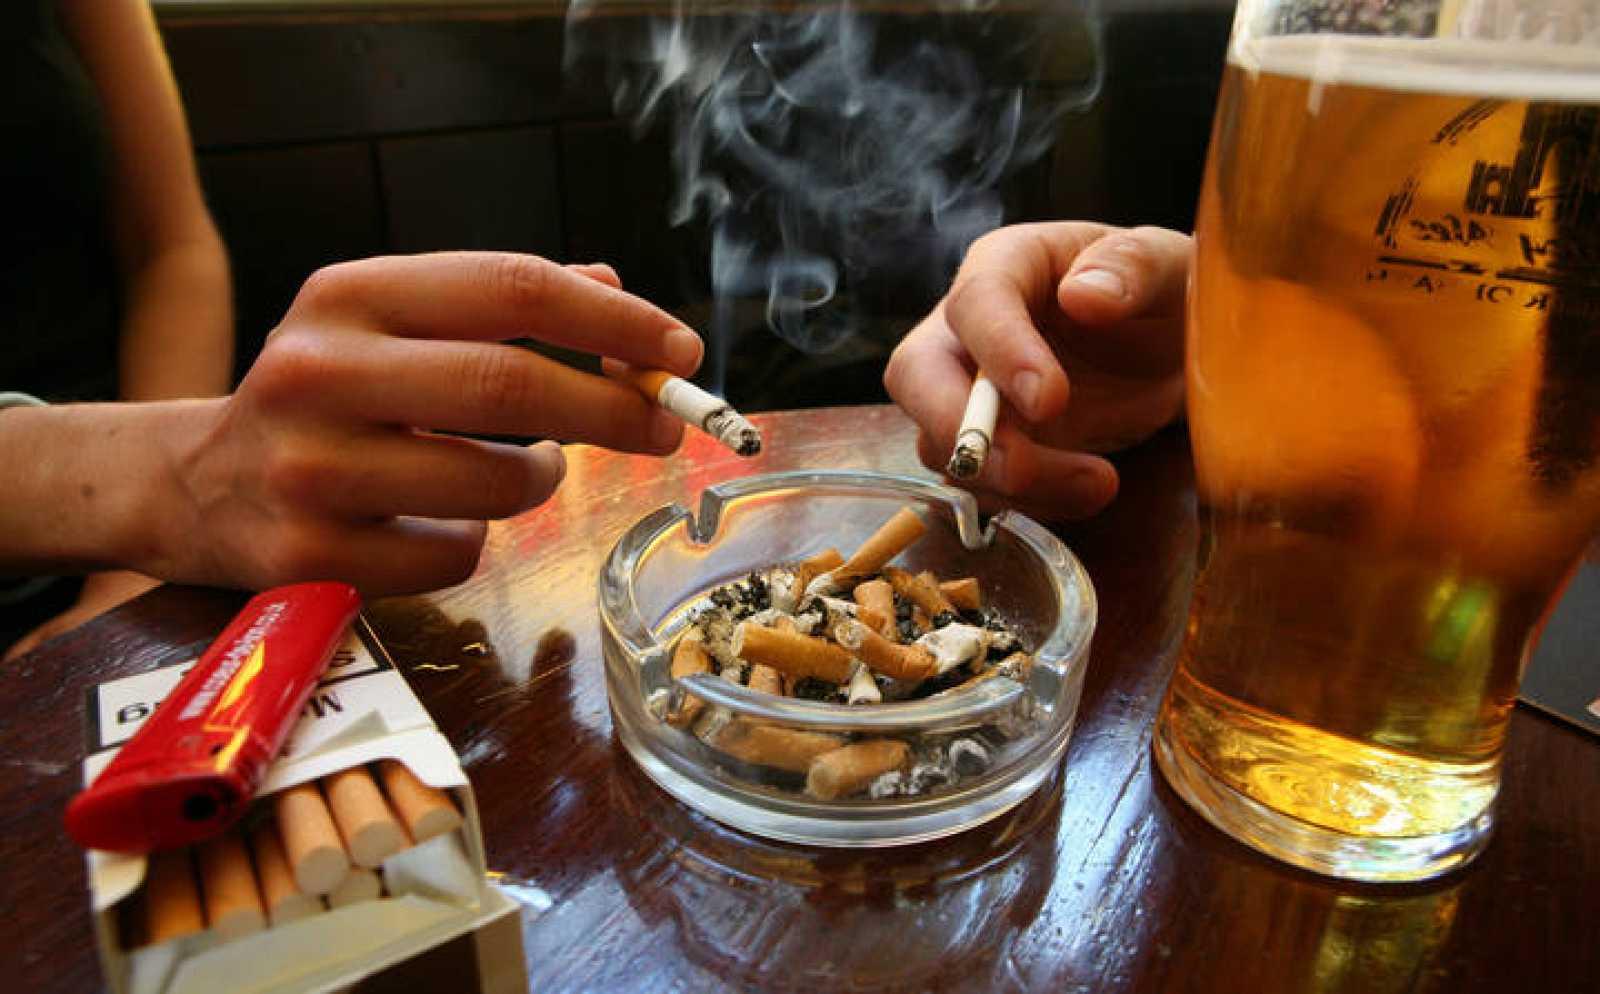 Cifras y conocimiento: consumo de Tabaco, Alcohol, Opioides y Cannabis